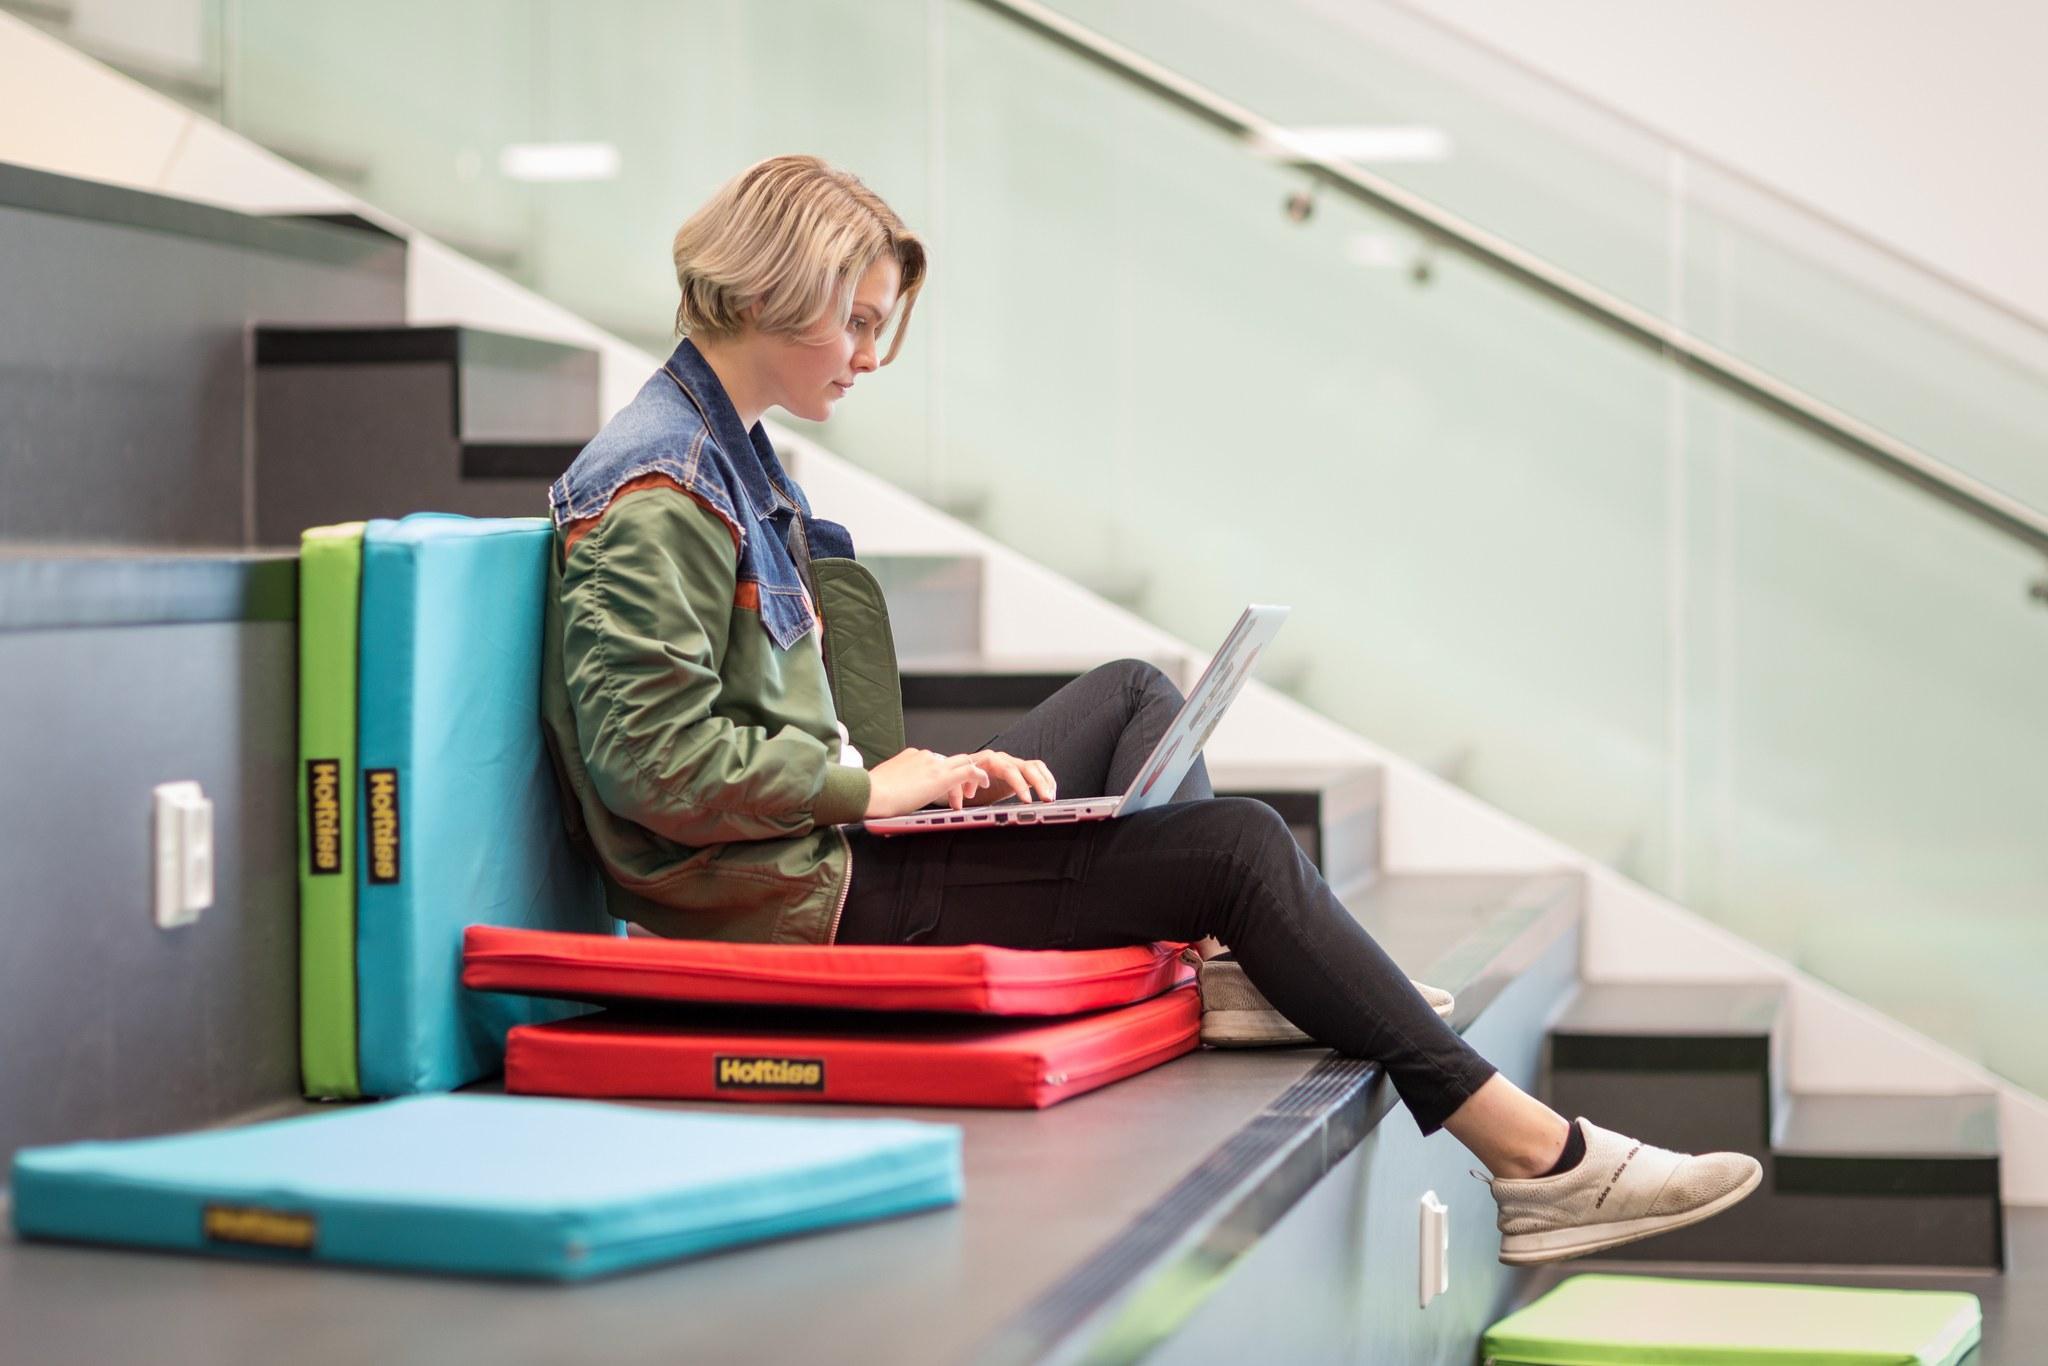 Tyttö istuuu portailla ja tekee töitä kannettavalla tietokoneella.